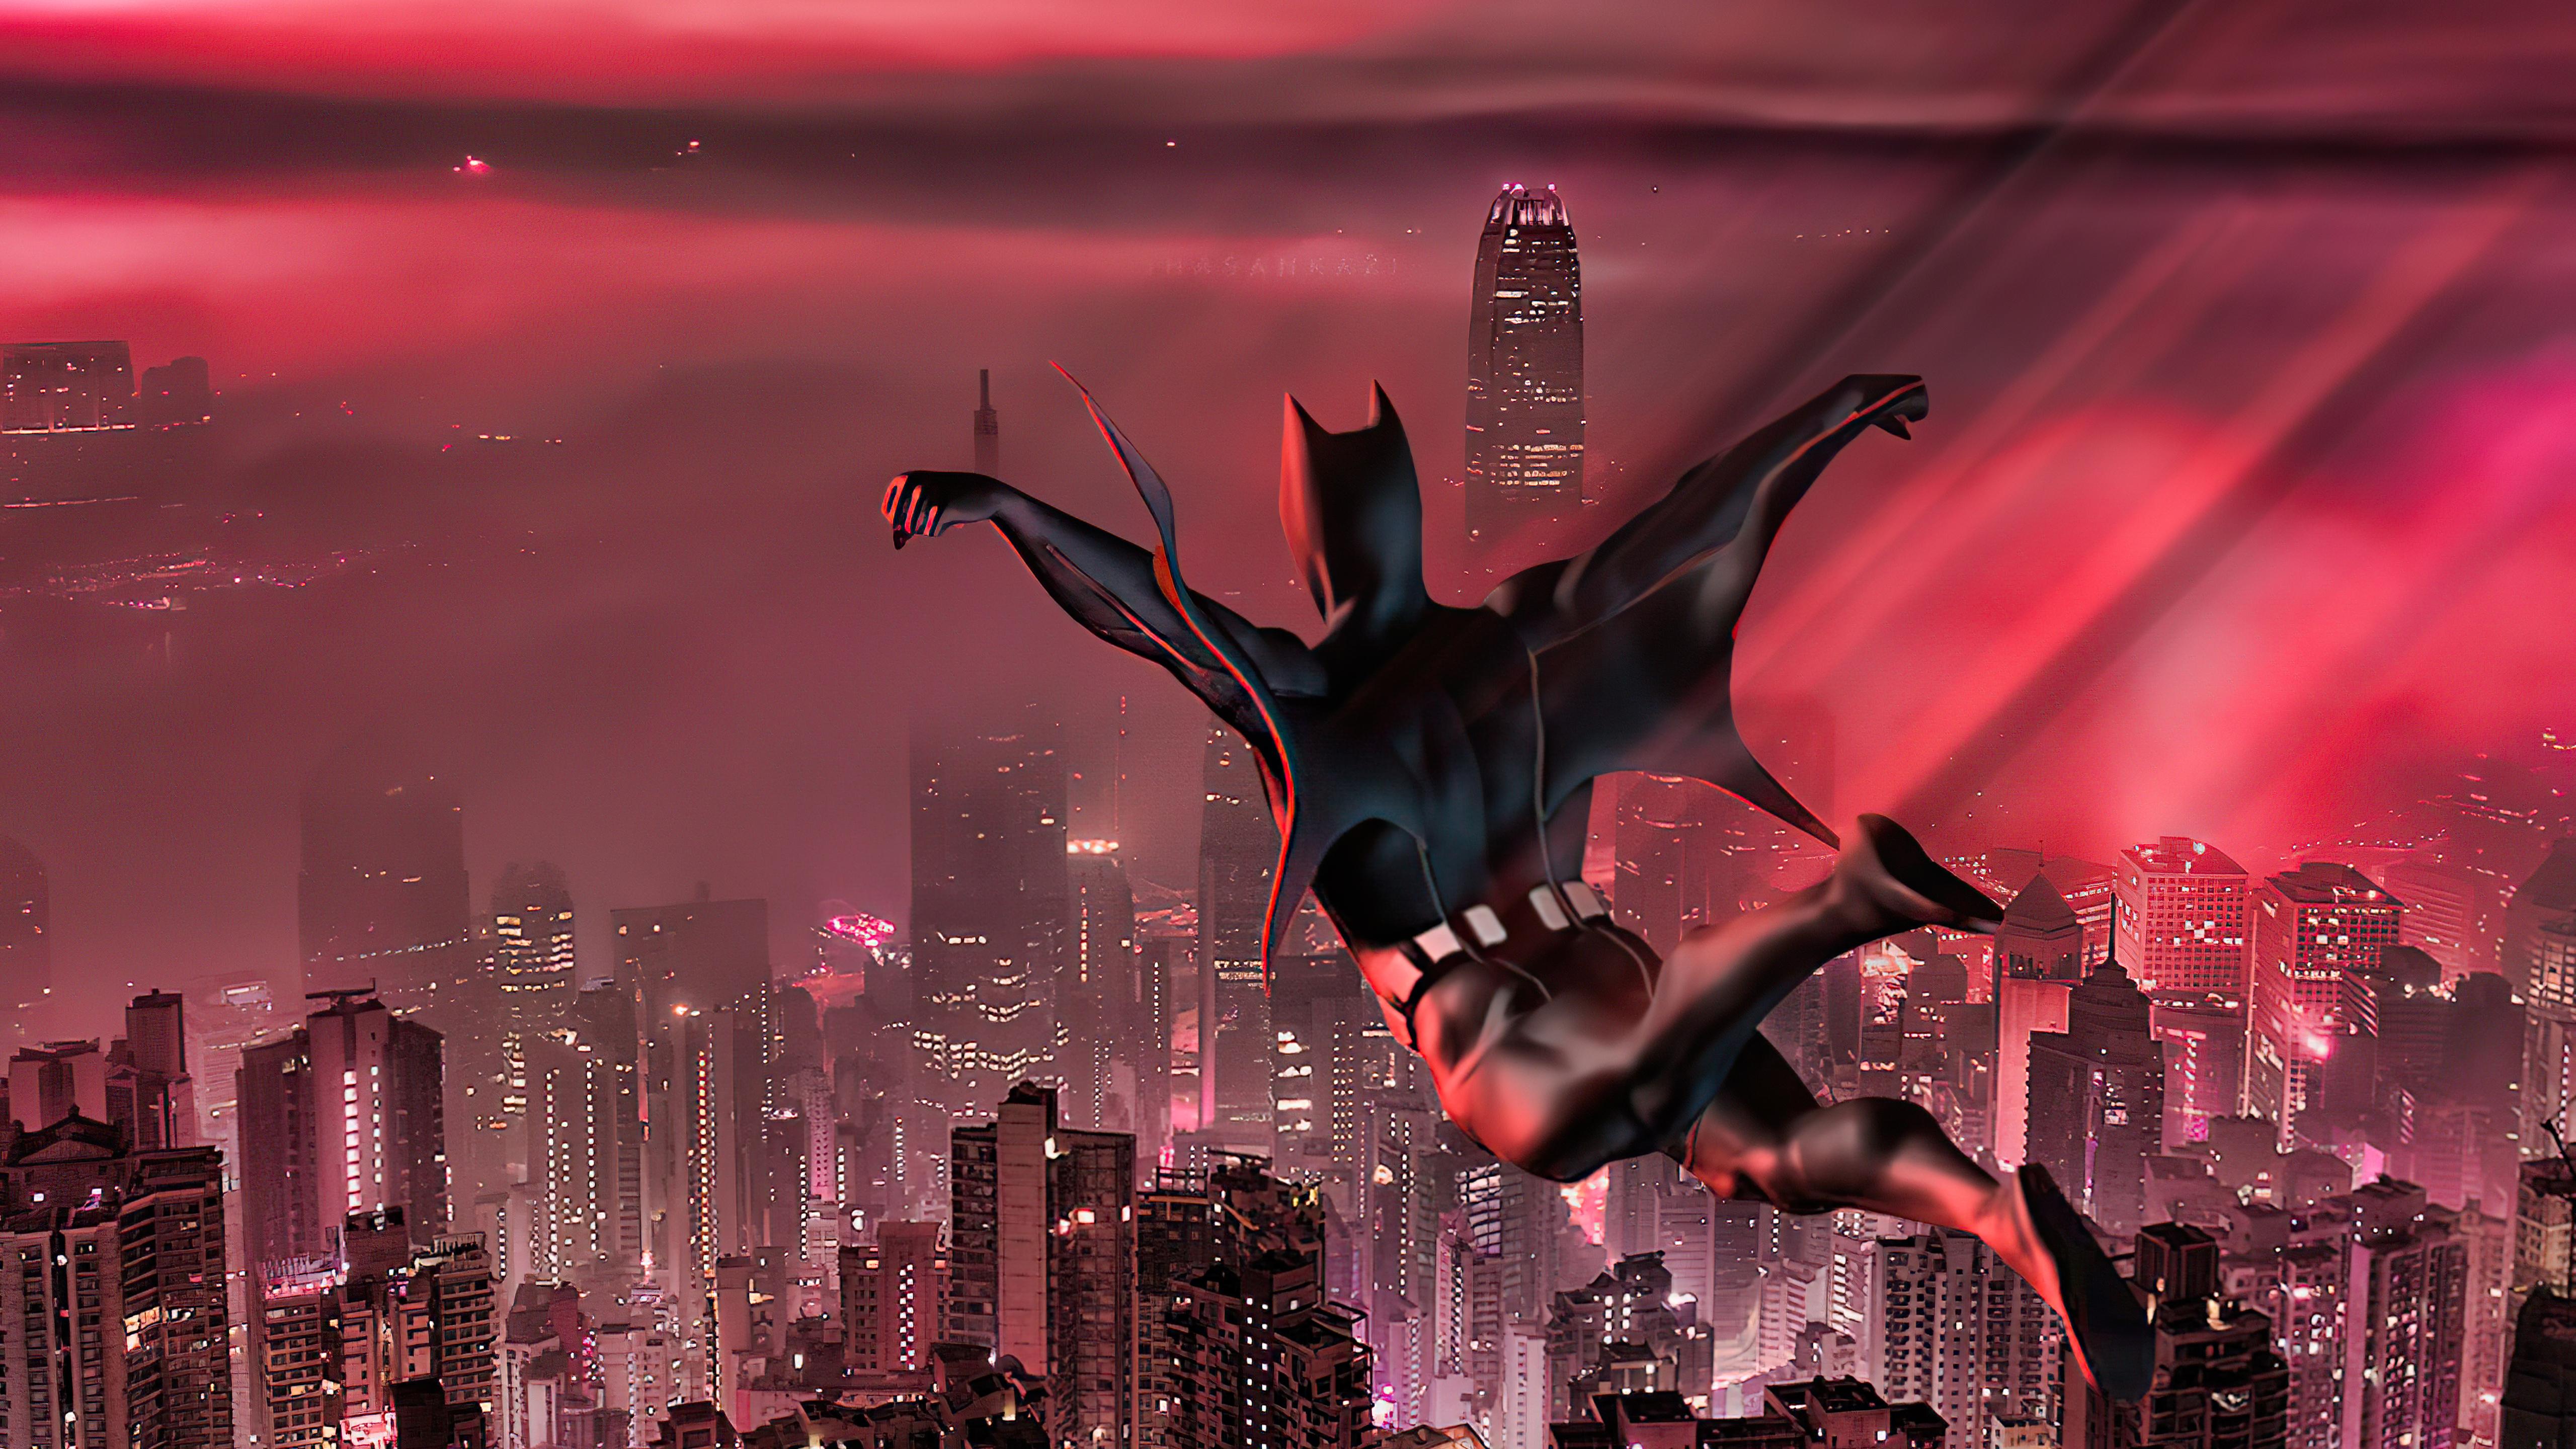 Wallpaper Batman Beyond jumping in city